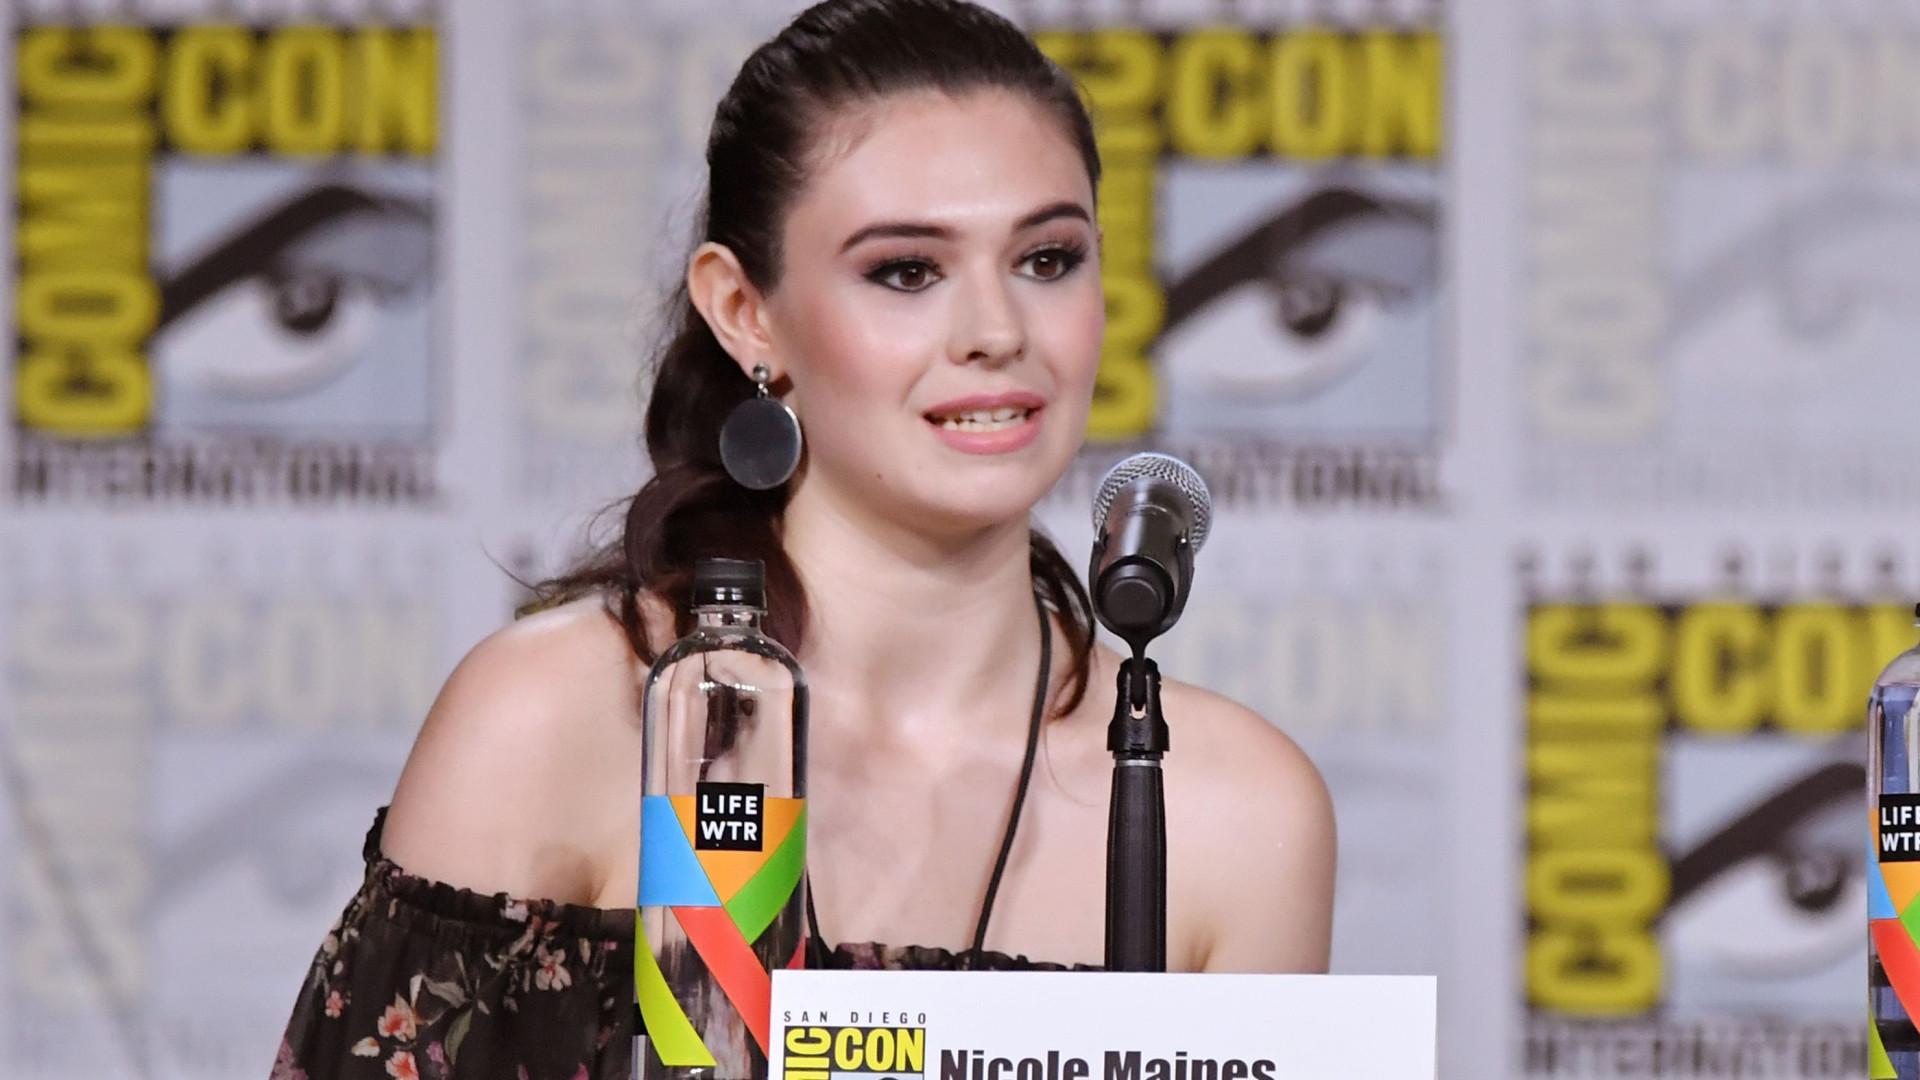 Série 'Supergirl' vai contar com primeiro super-herói transgénero na TV